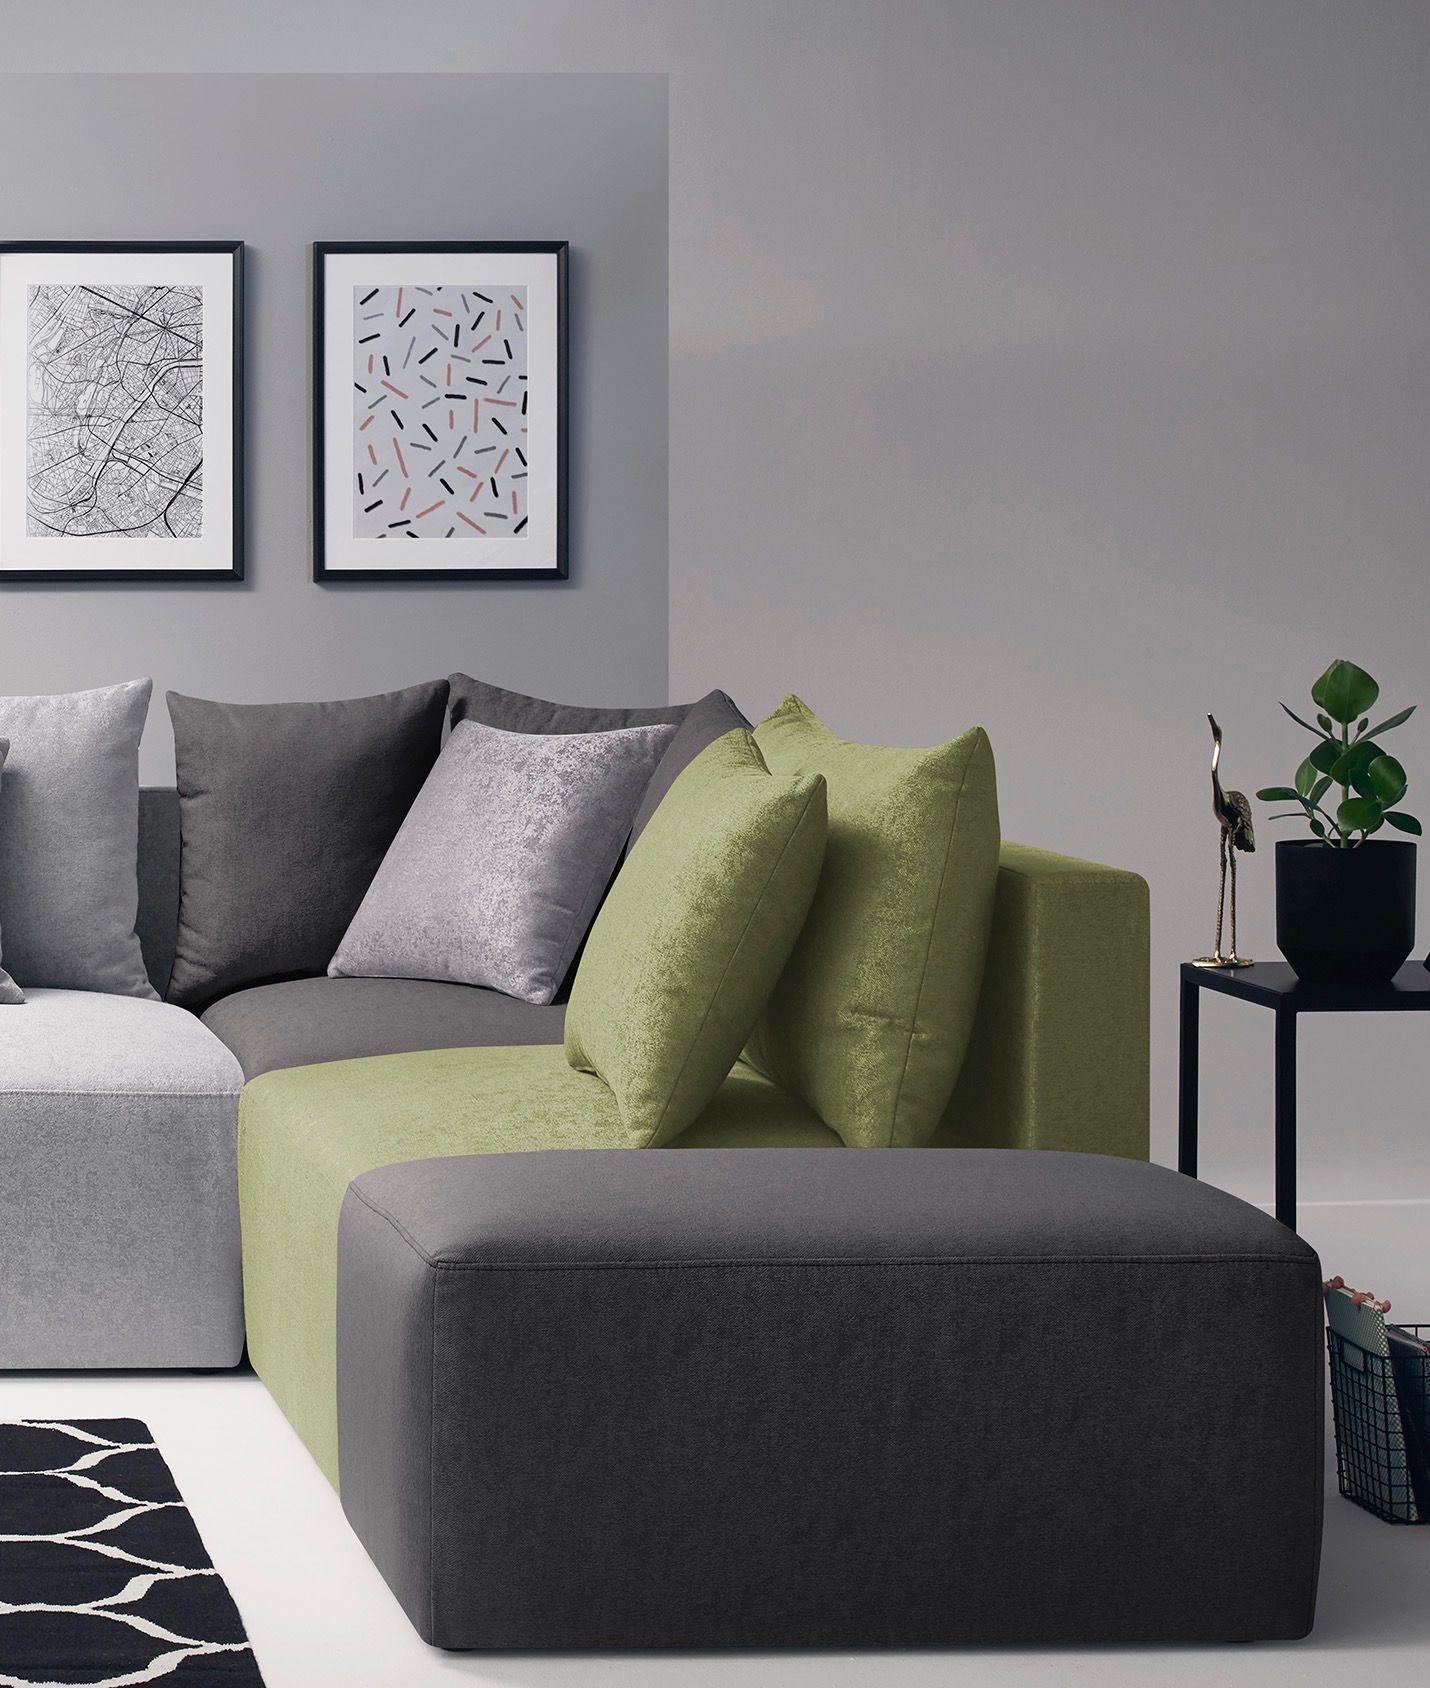 Metis Canapé Modulable Chauffeuse Verte Gris Clair Angle Gris Foncé Pouf  Moderne Design Confortable Table Noire